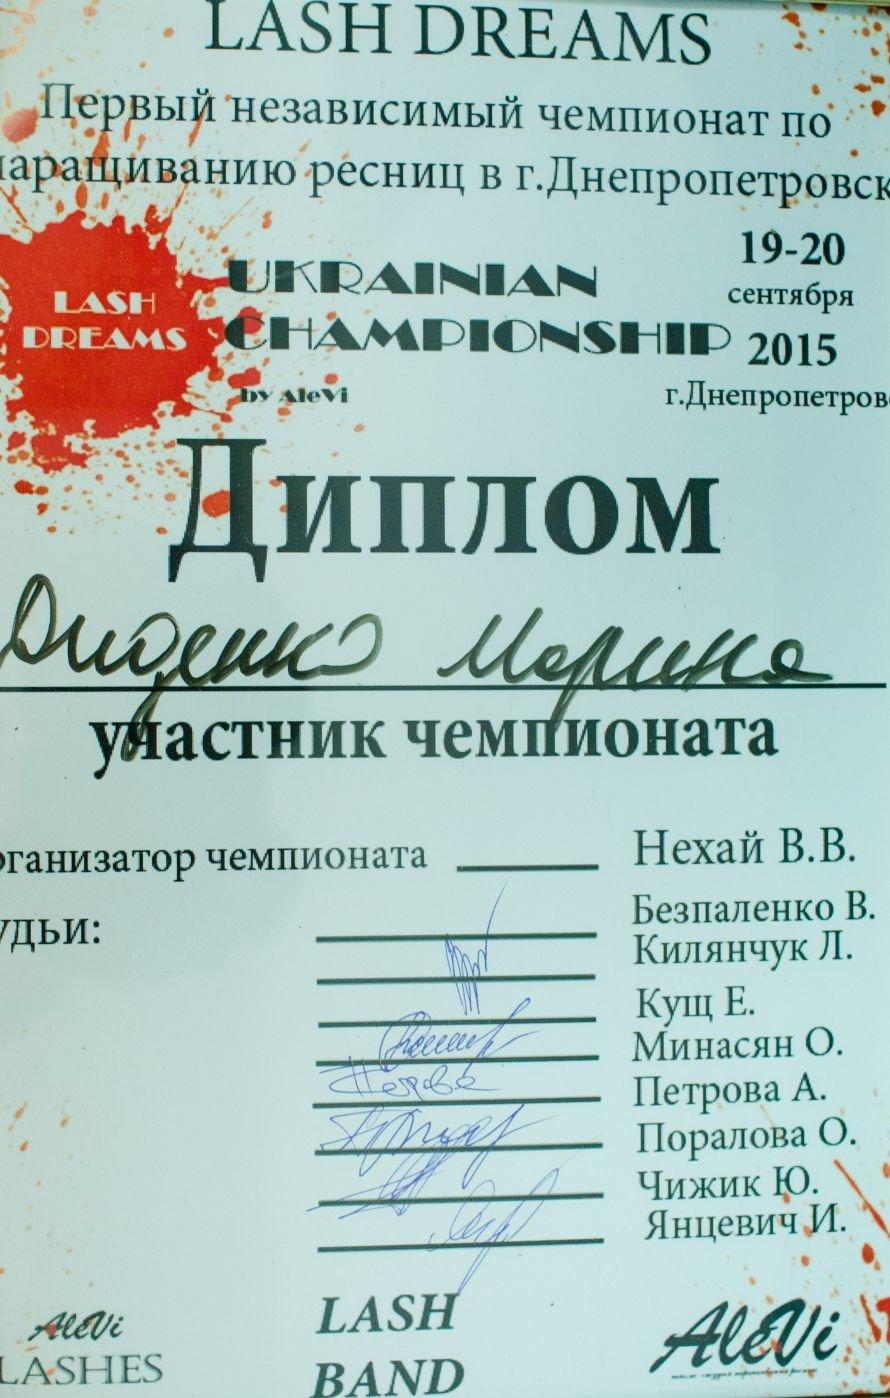 GromovStudio-9580